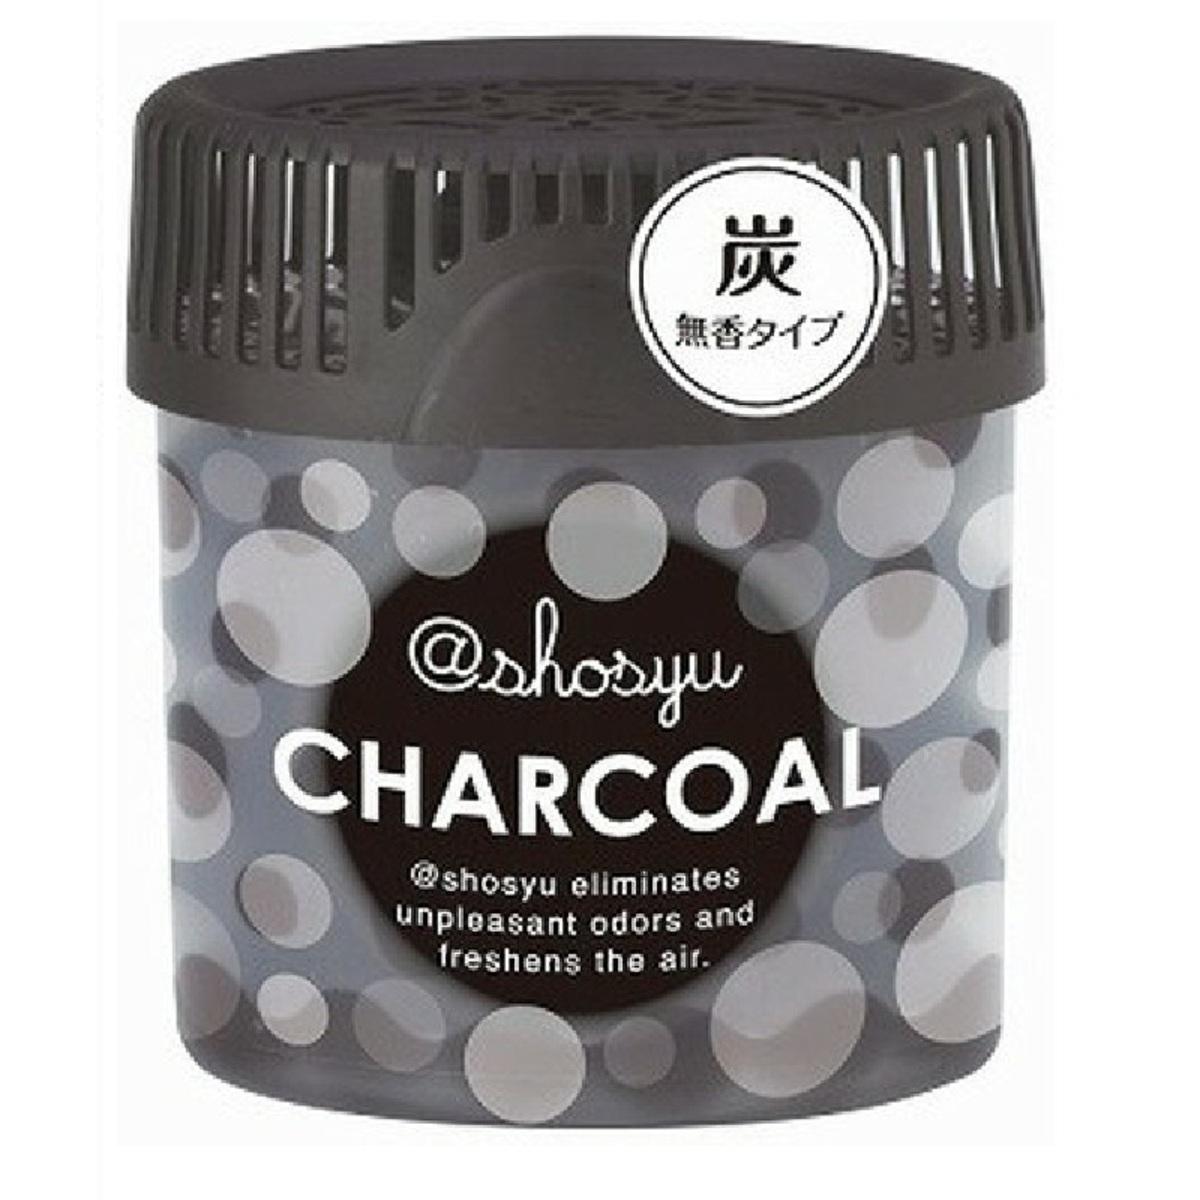 小久保 Shosyu空氣清新除臭劑(黑) #木炭 150g